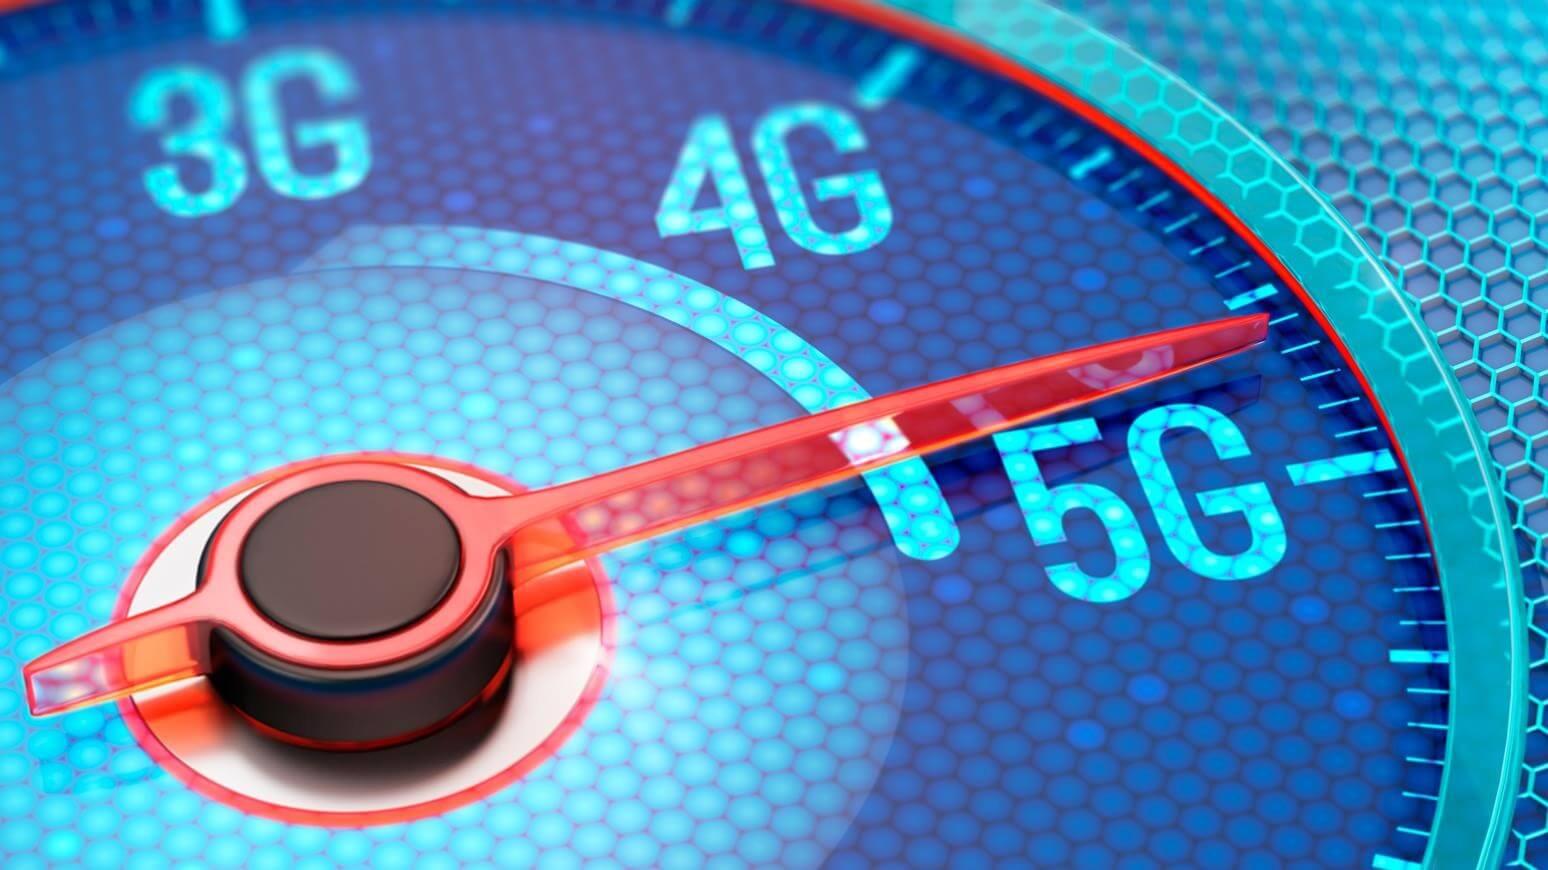 5g é o único motivo para a sony continuar lançando smartphones. A sony vem enfrentando grandes problemas com as vendas dos seu smartphones xperia, atualmente o objetivo de agarrar o 5g é o único motivo para a gigante japonesa continuar apostando nesse segmento